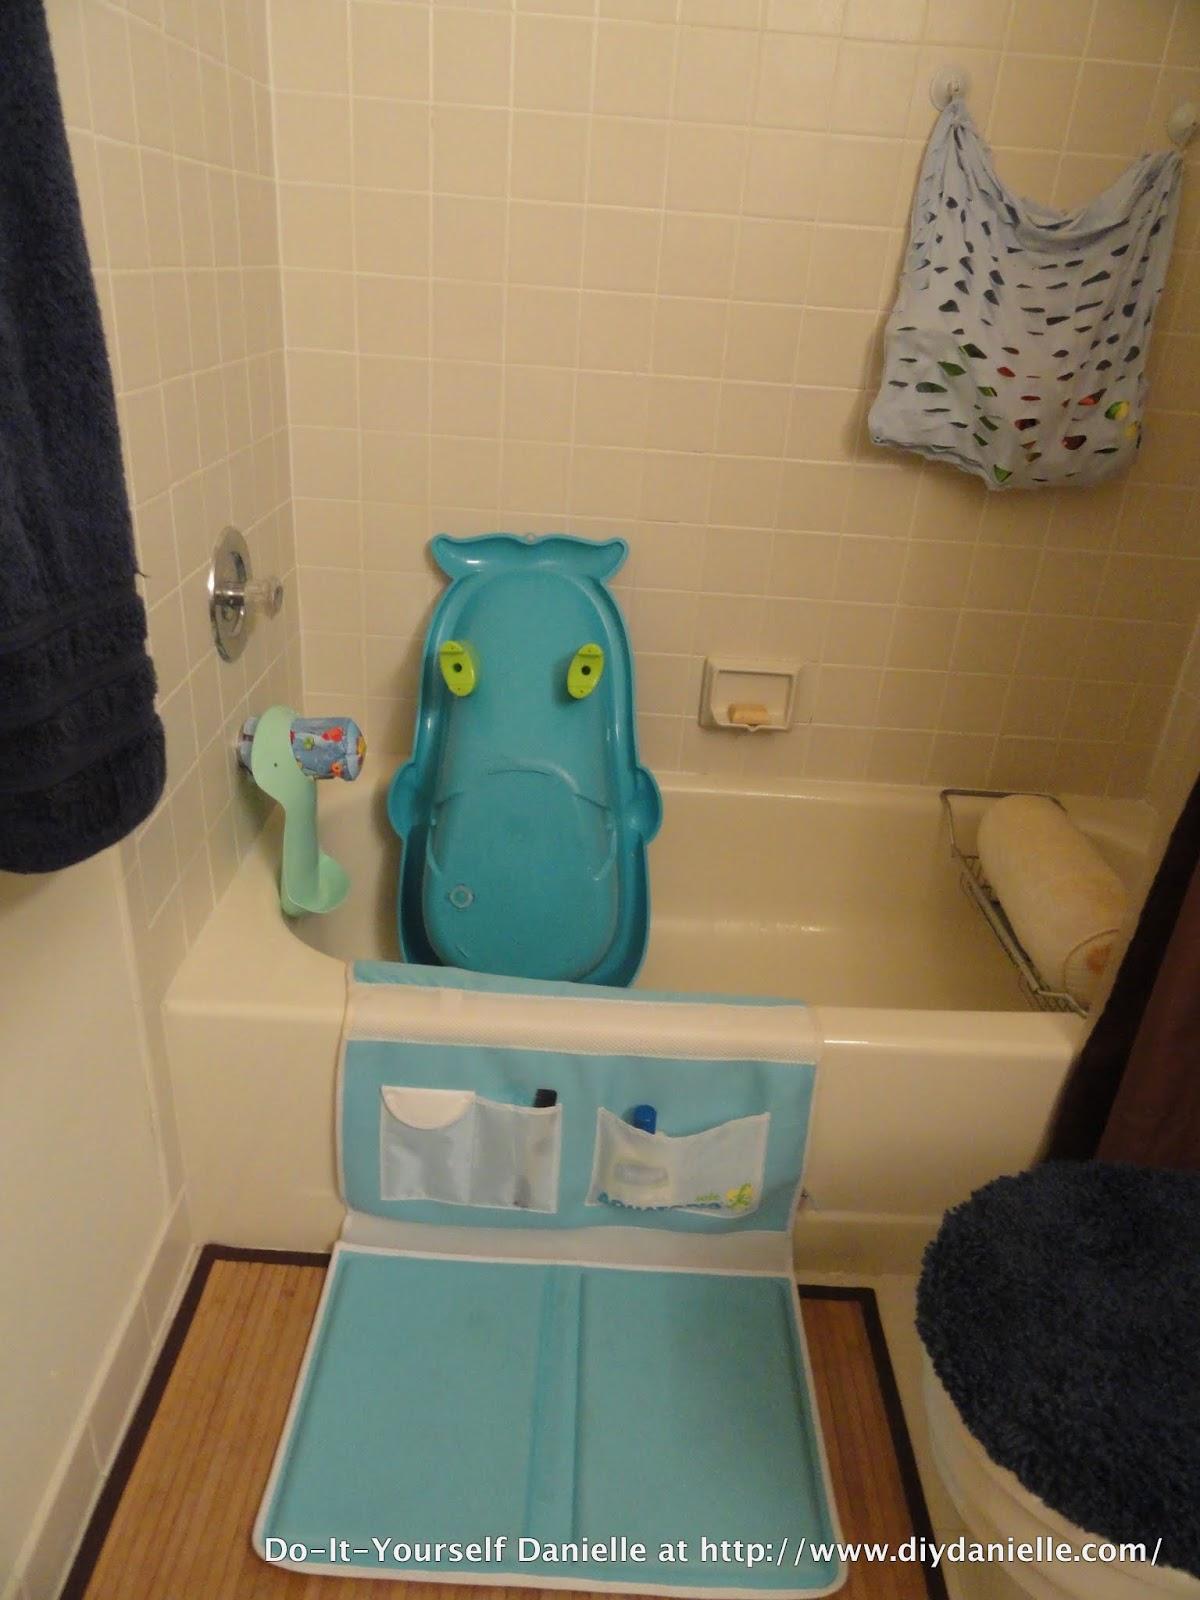 Diy Baby Bathroom Organization Diy Danielle